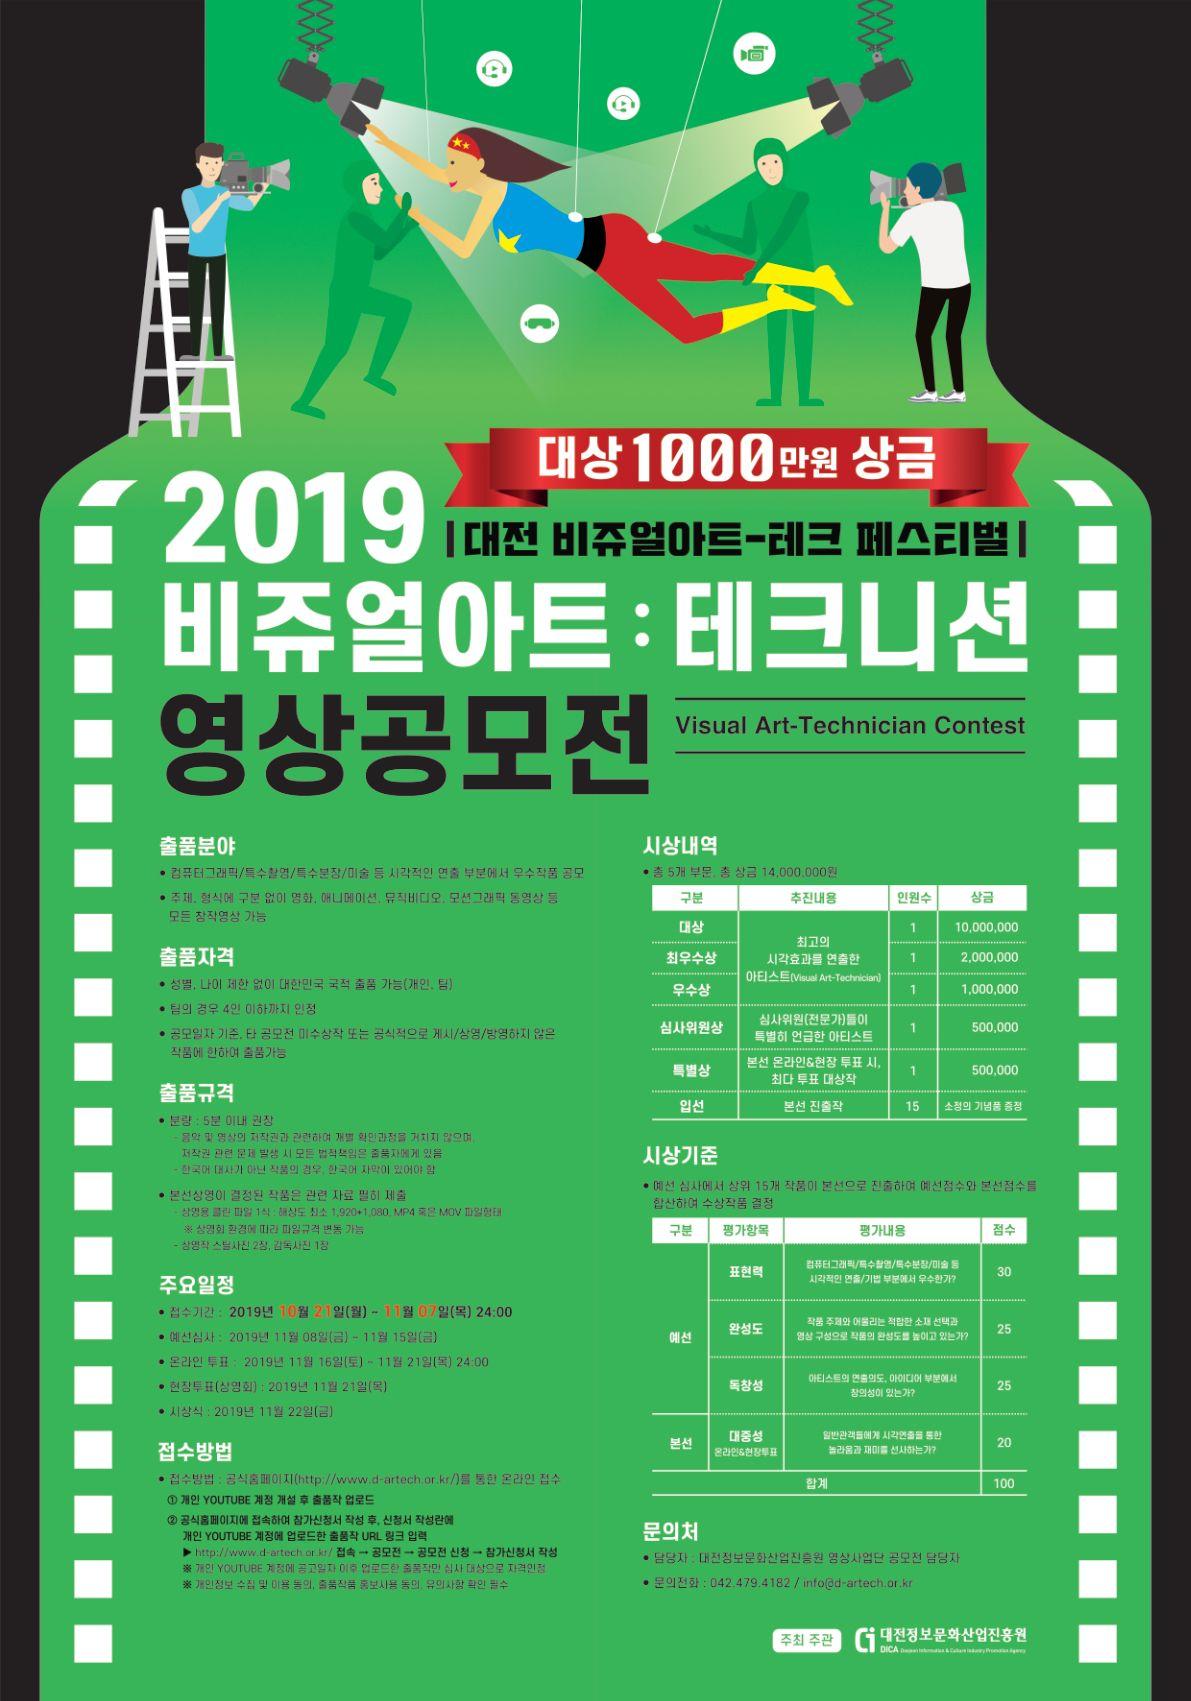 대전정보문화산업진흥원 비쥬얼 아트 테크니션 영상공모전